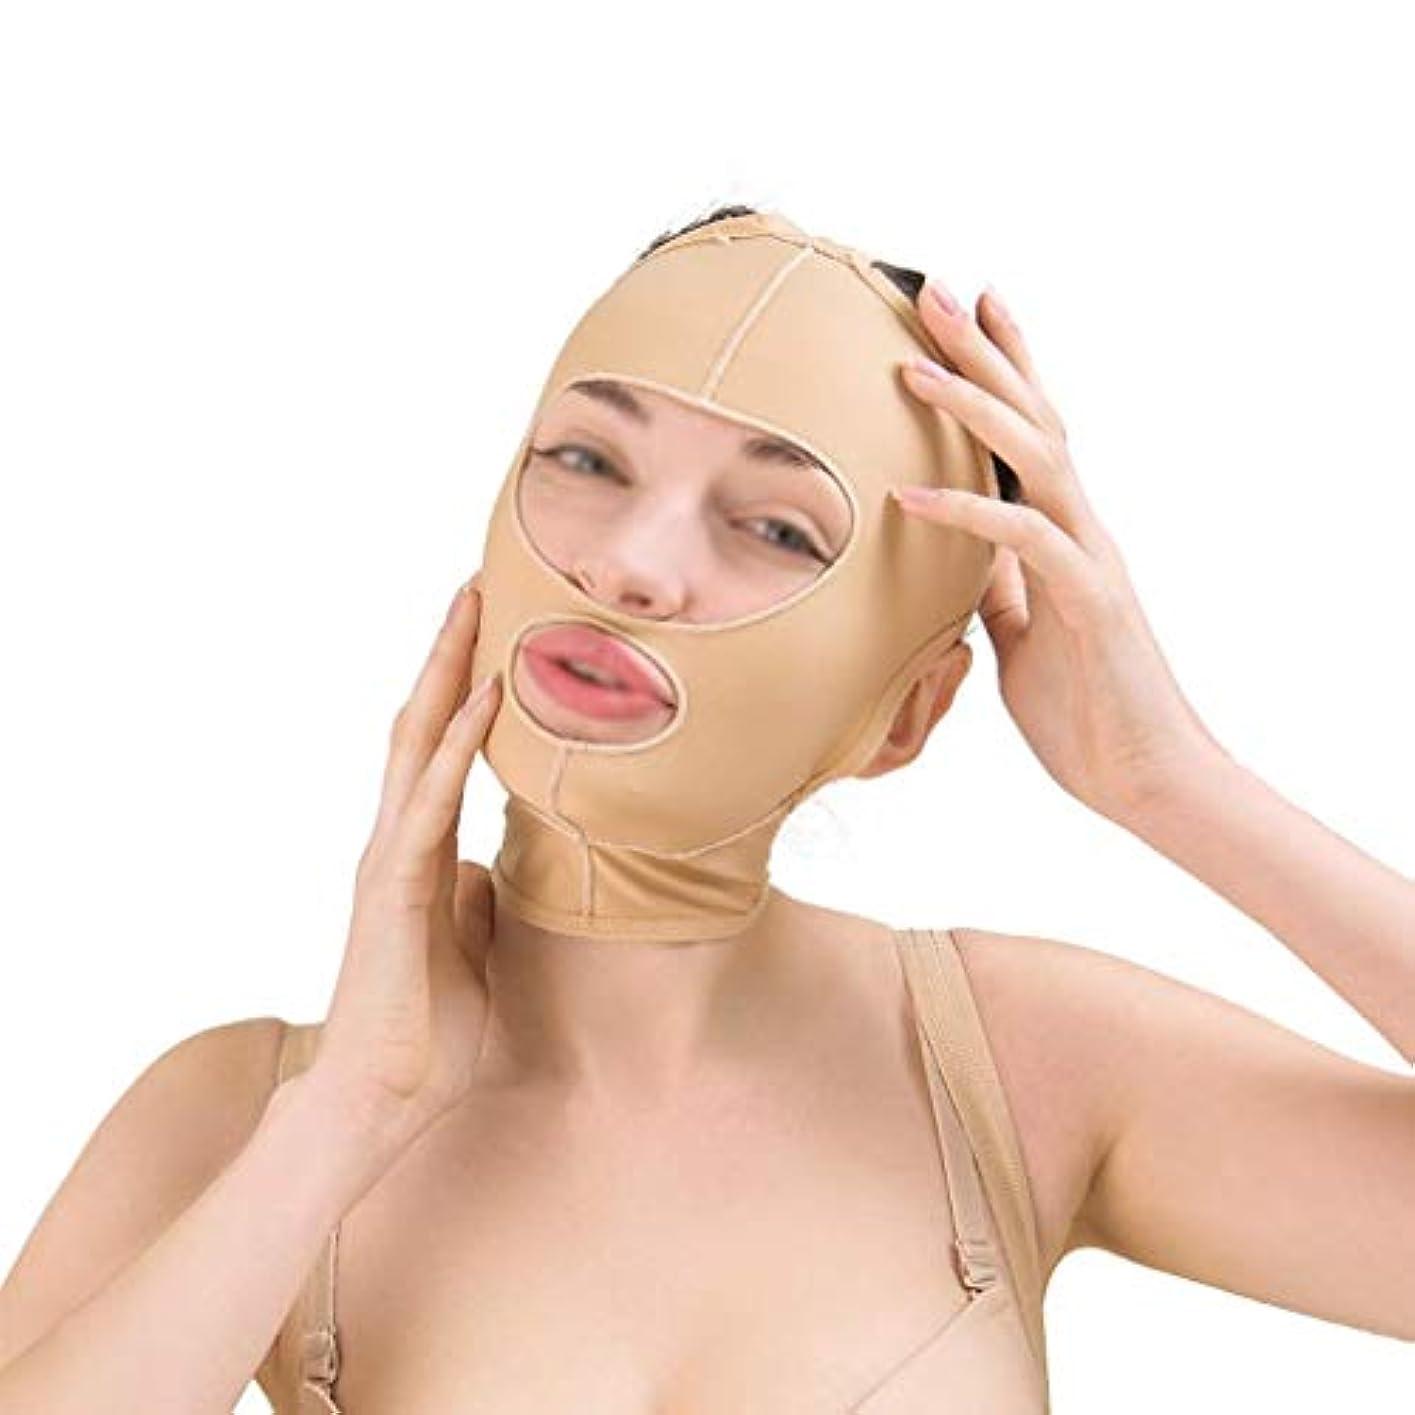 証明常習的結果として美容フェイスリフト減量ベルト、ほおスリムフィット、通気性フェイスリフト、引き締め、リフティング包帯、フェイシャルスキン包帯(サイズ:M),M